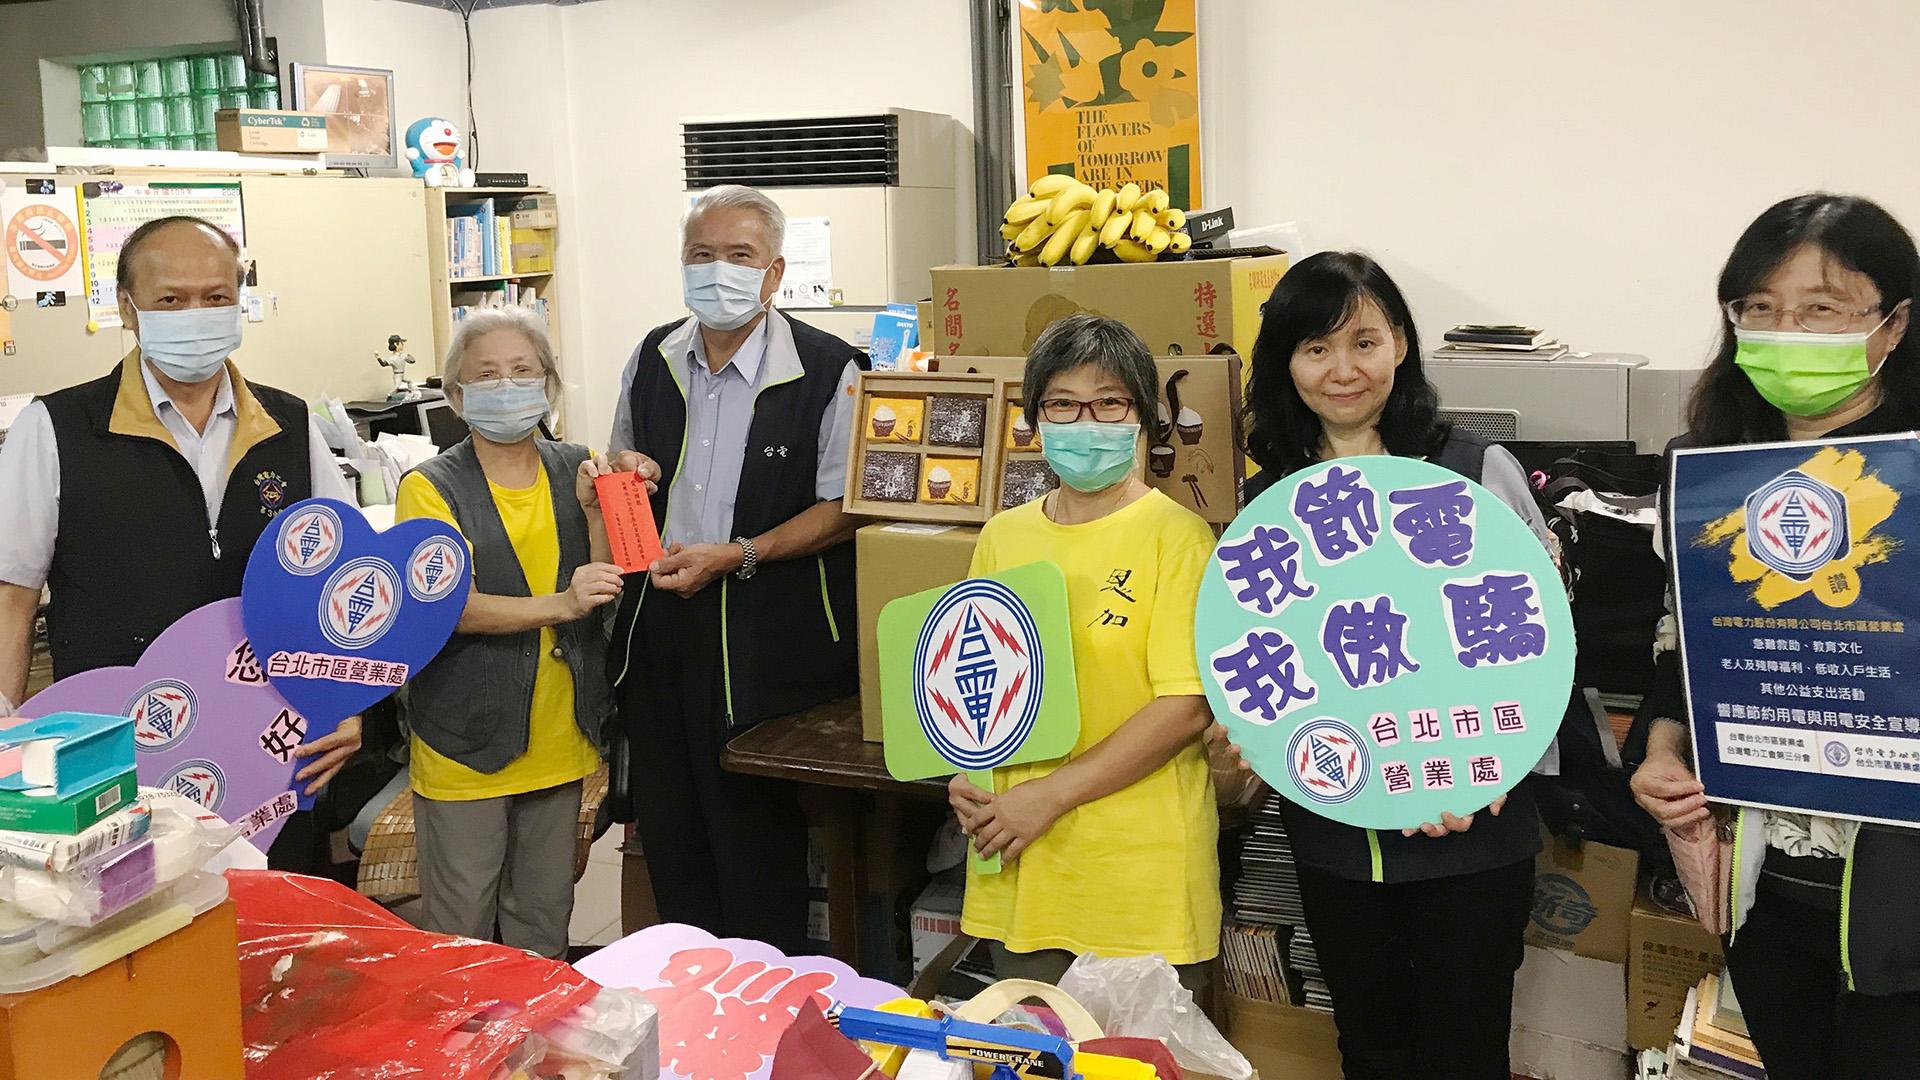 台電台北市區營業處處長朱榮貴(左二)準備豐盛禮盒及水果致贈陽光社會福利基金會。